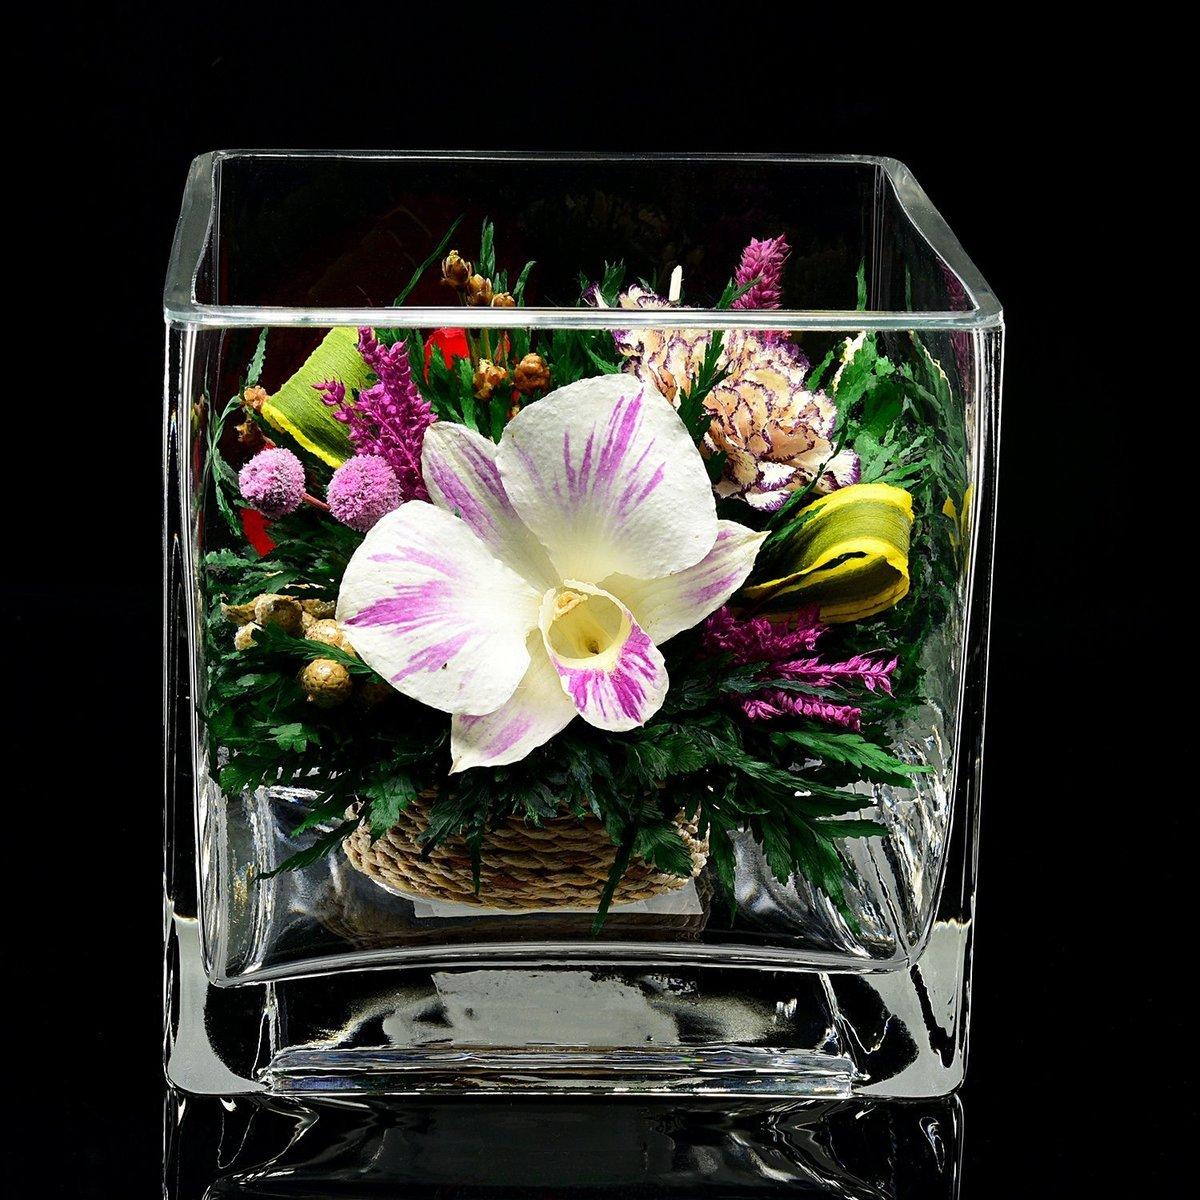 снять покупка картинок цветы попытки скрыть